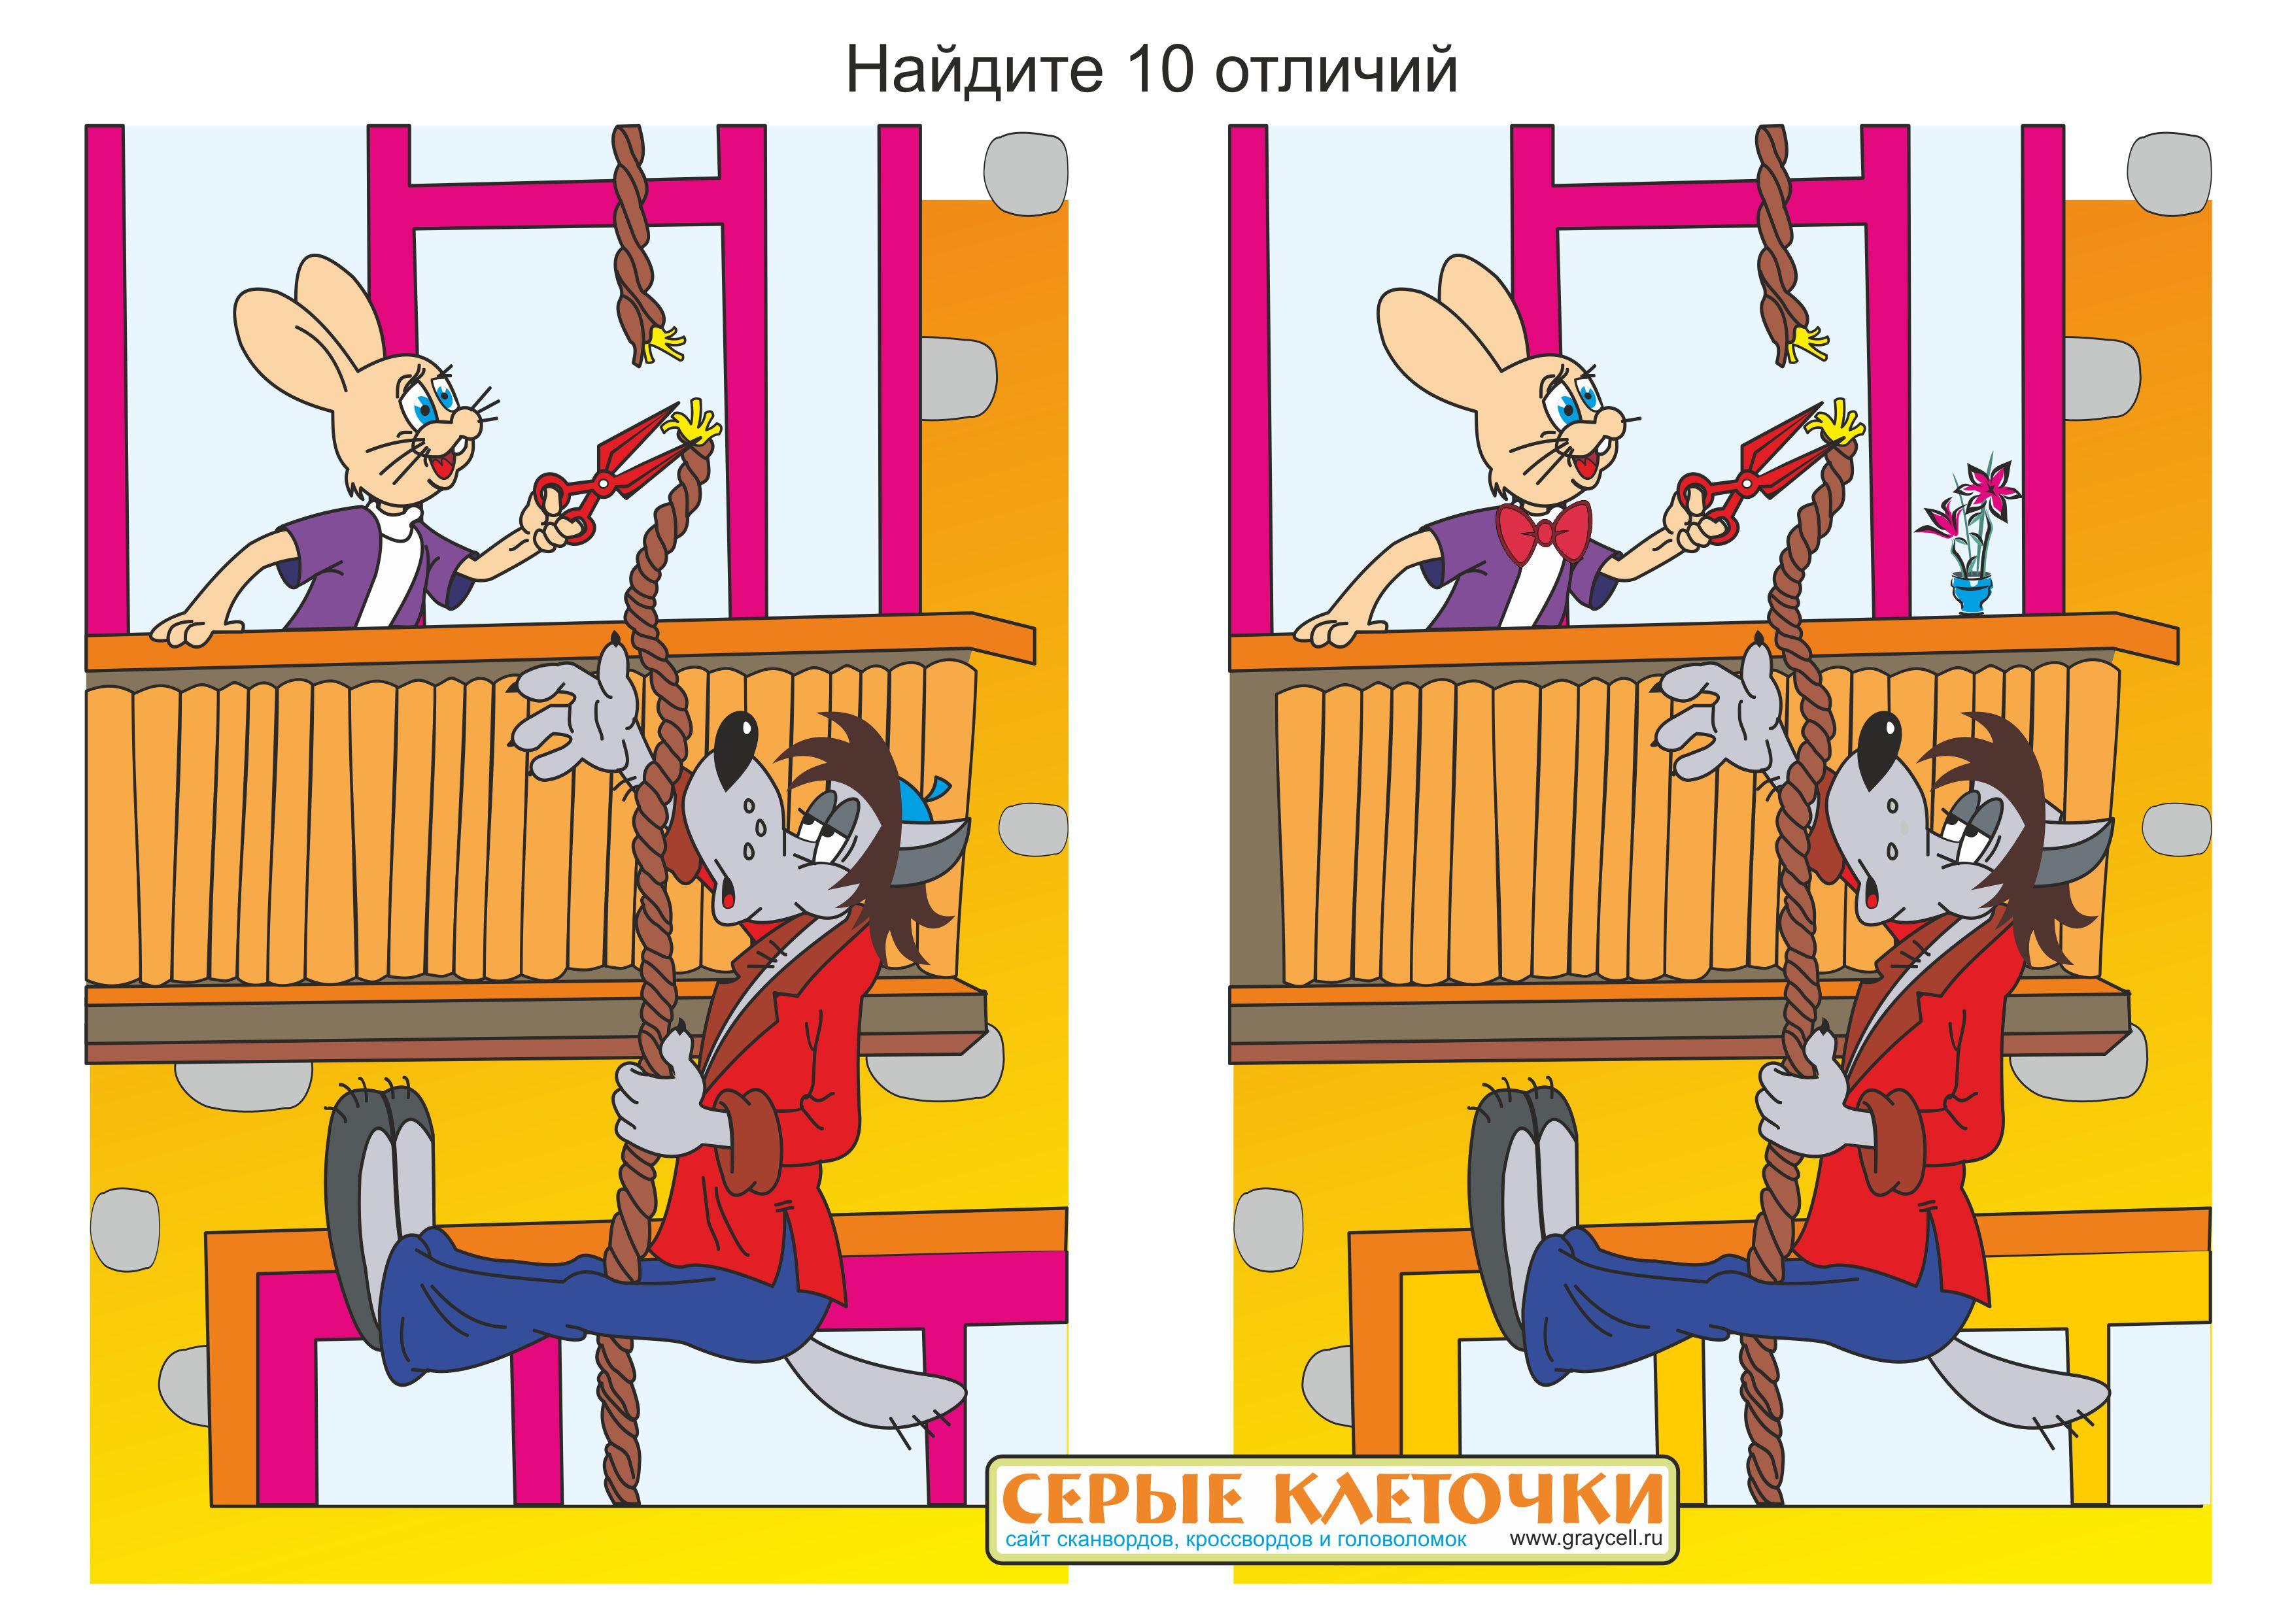 Разница в картинках онлайн